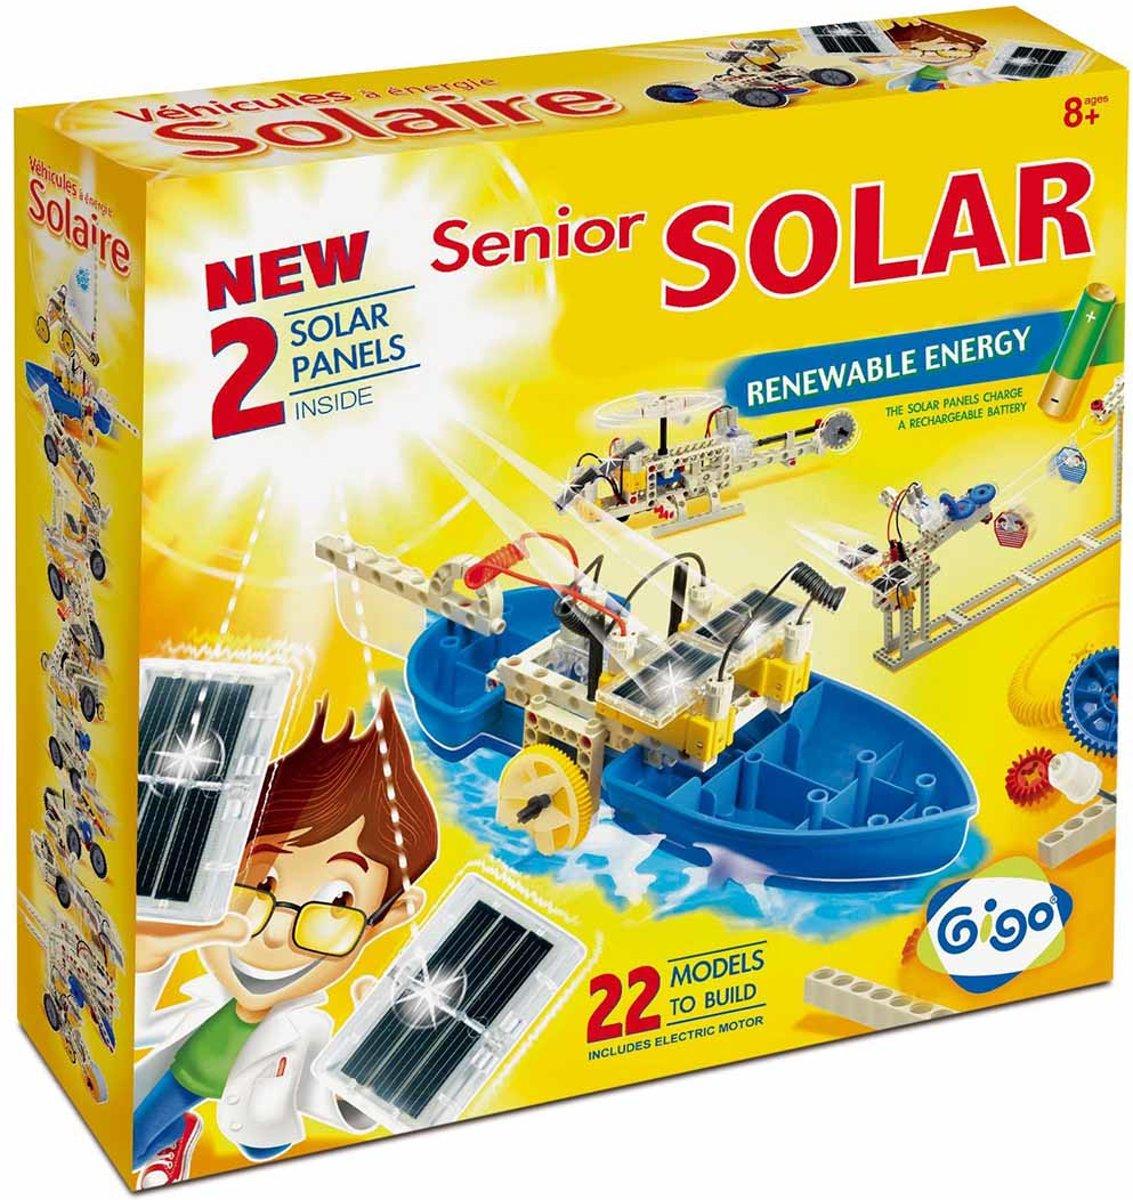 Gigo uitgebreide solarset